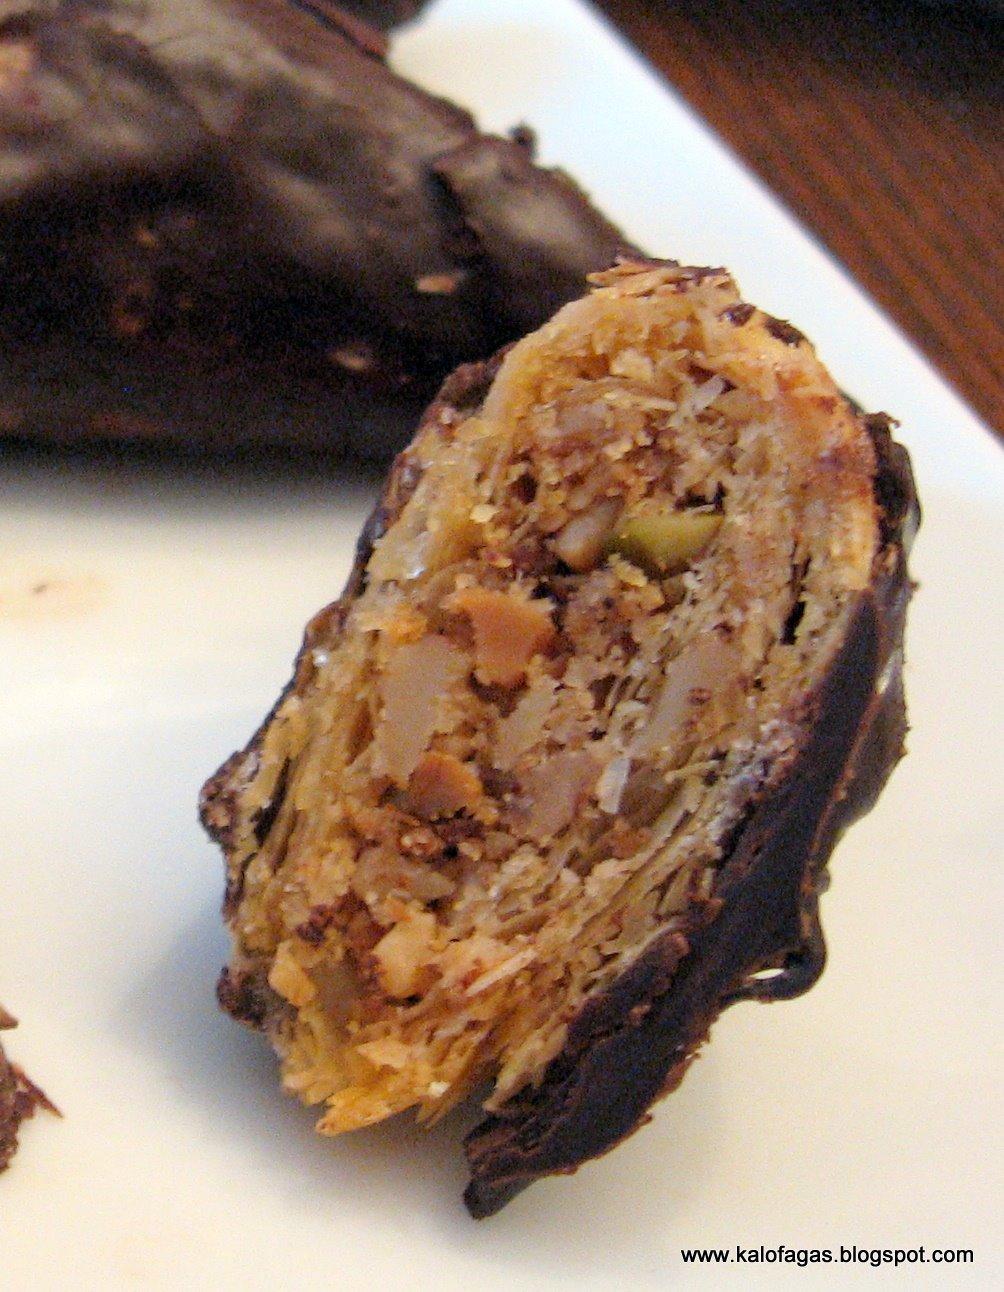 cokoladna baklava 6